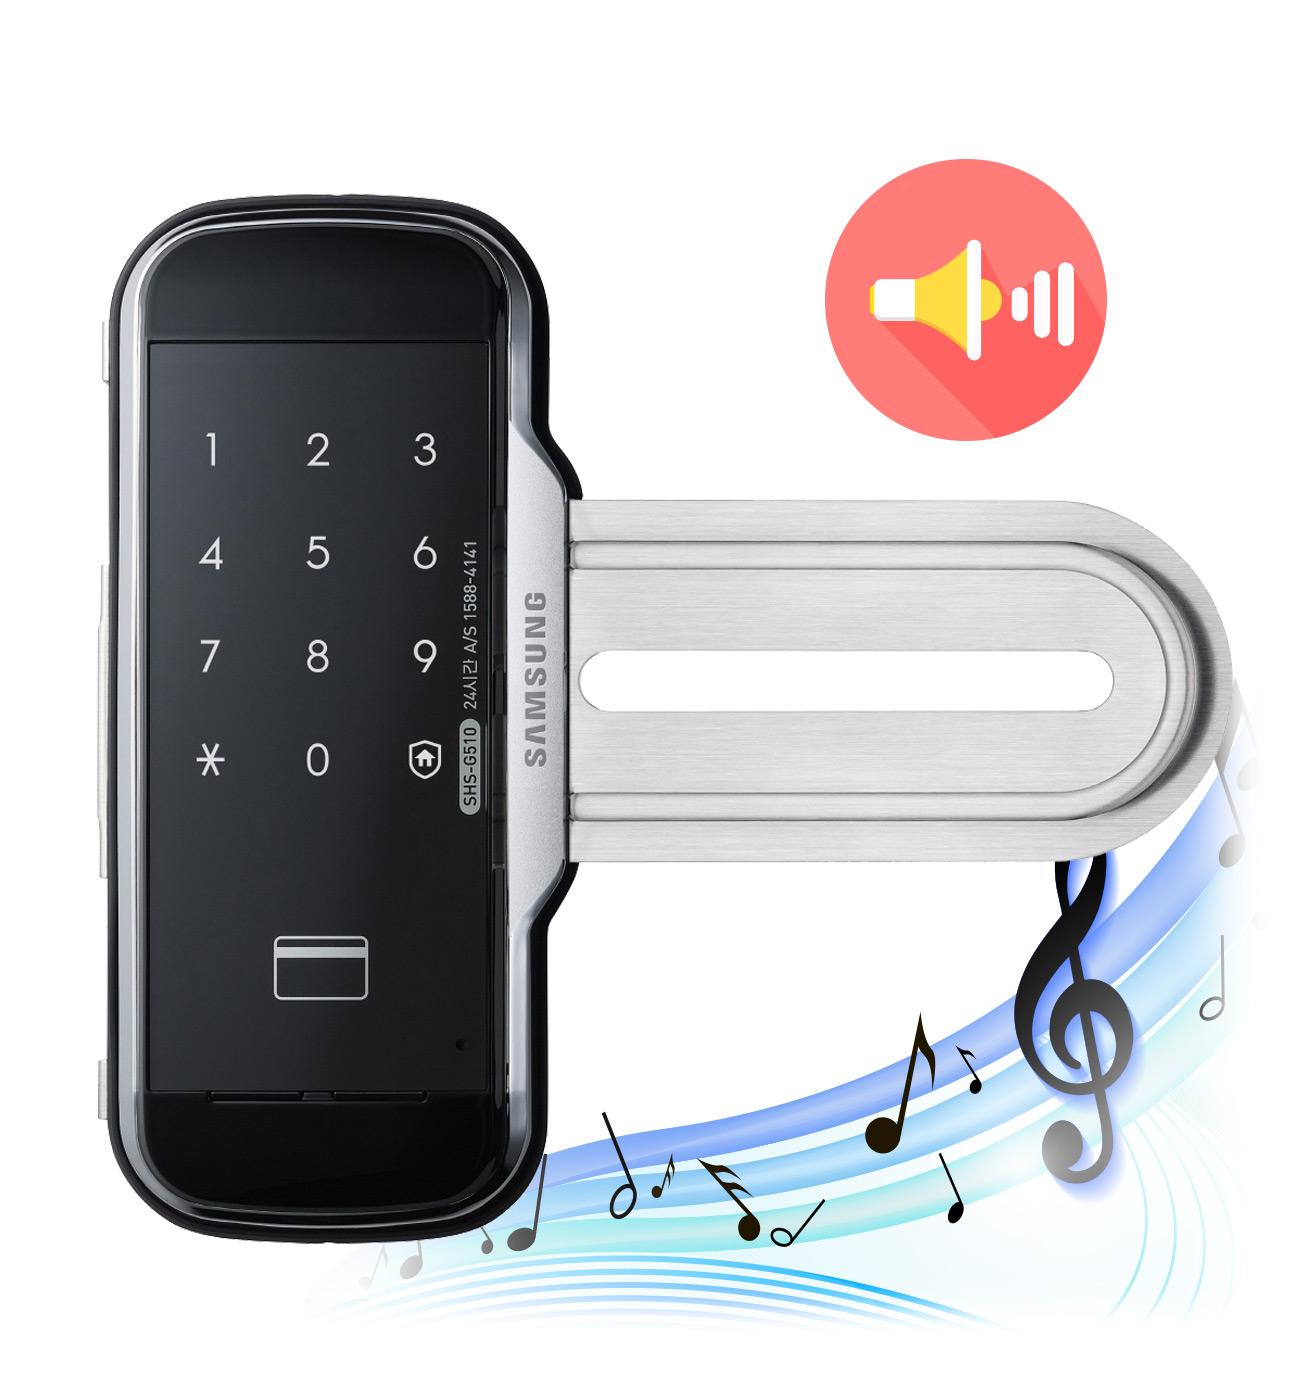 Samsung SHS-G517 kiểm soát âm lượng tốt